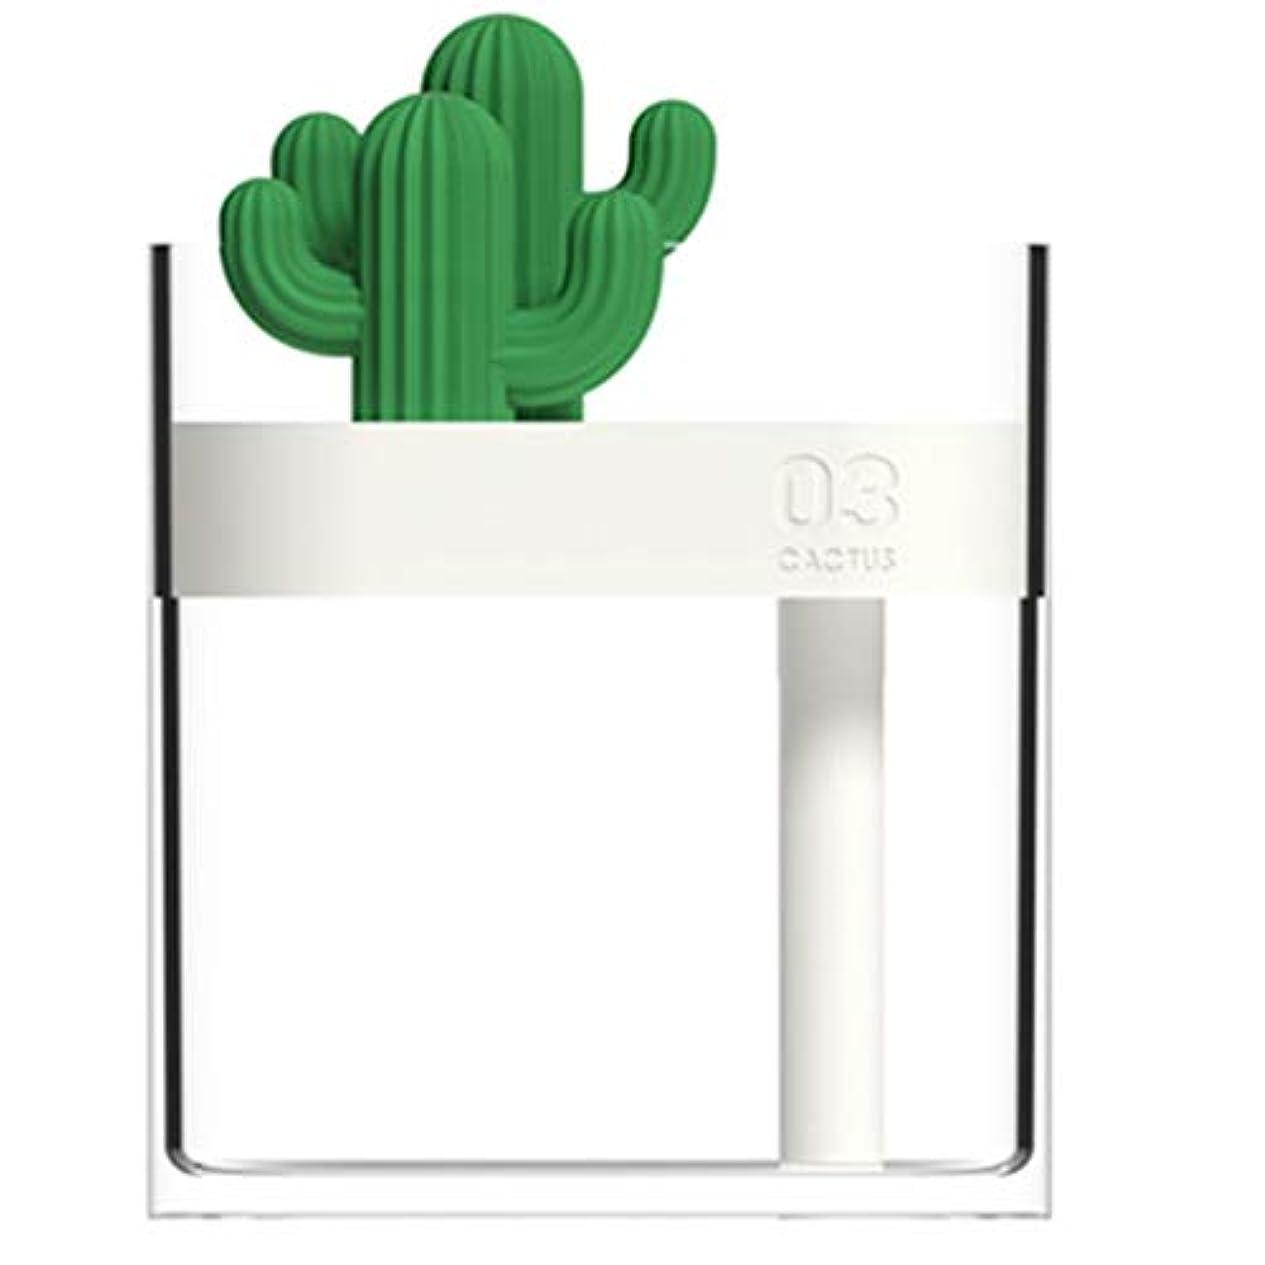 消毒剤電気のつぶやきアロマセラピーエッセンシャルオイルディフューザー、アロマディフューザークールミスト加湿器ウォーターレスオートシャットオフホームオフィス用ヨガ (Color : Clear)